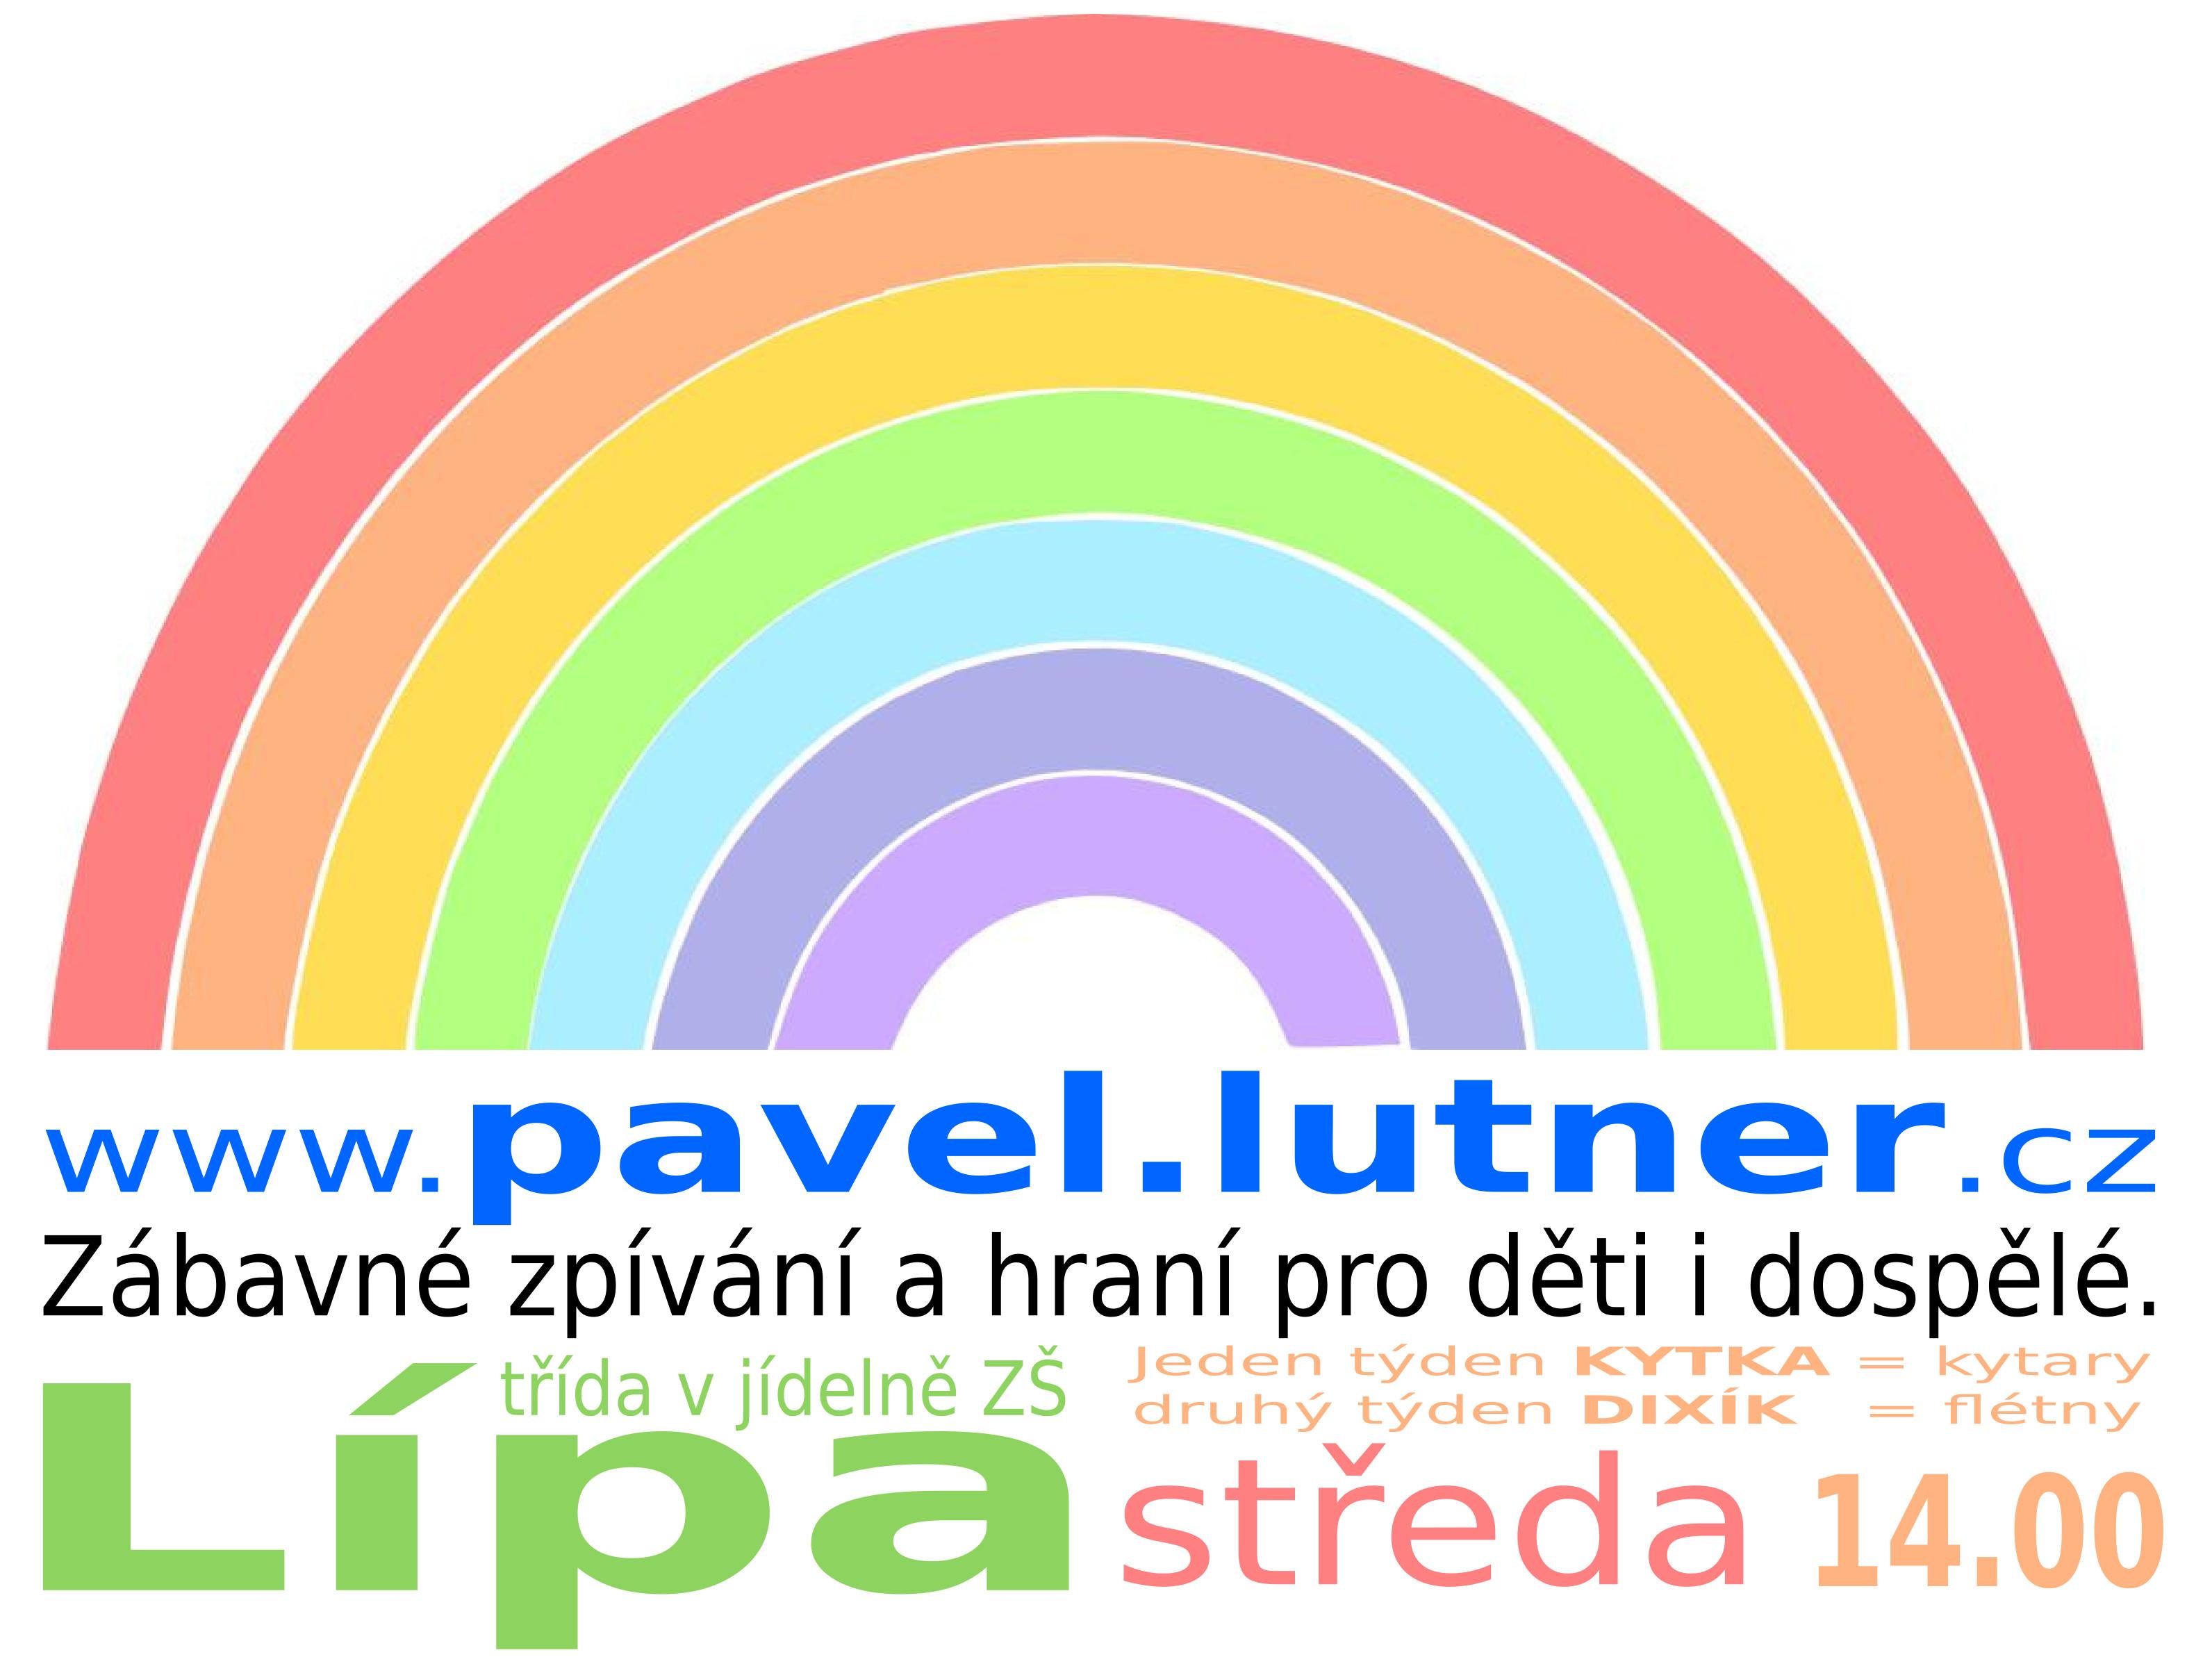 duha logo pro 2016 - 2017 - Lípa